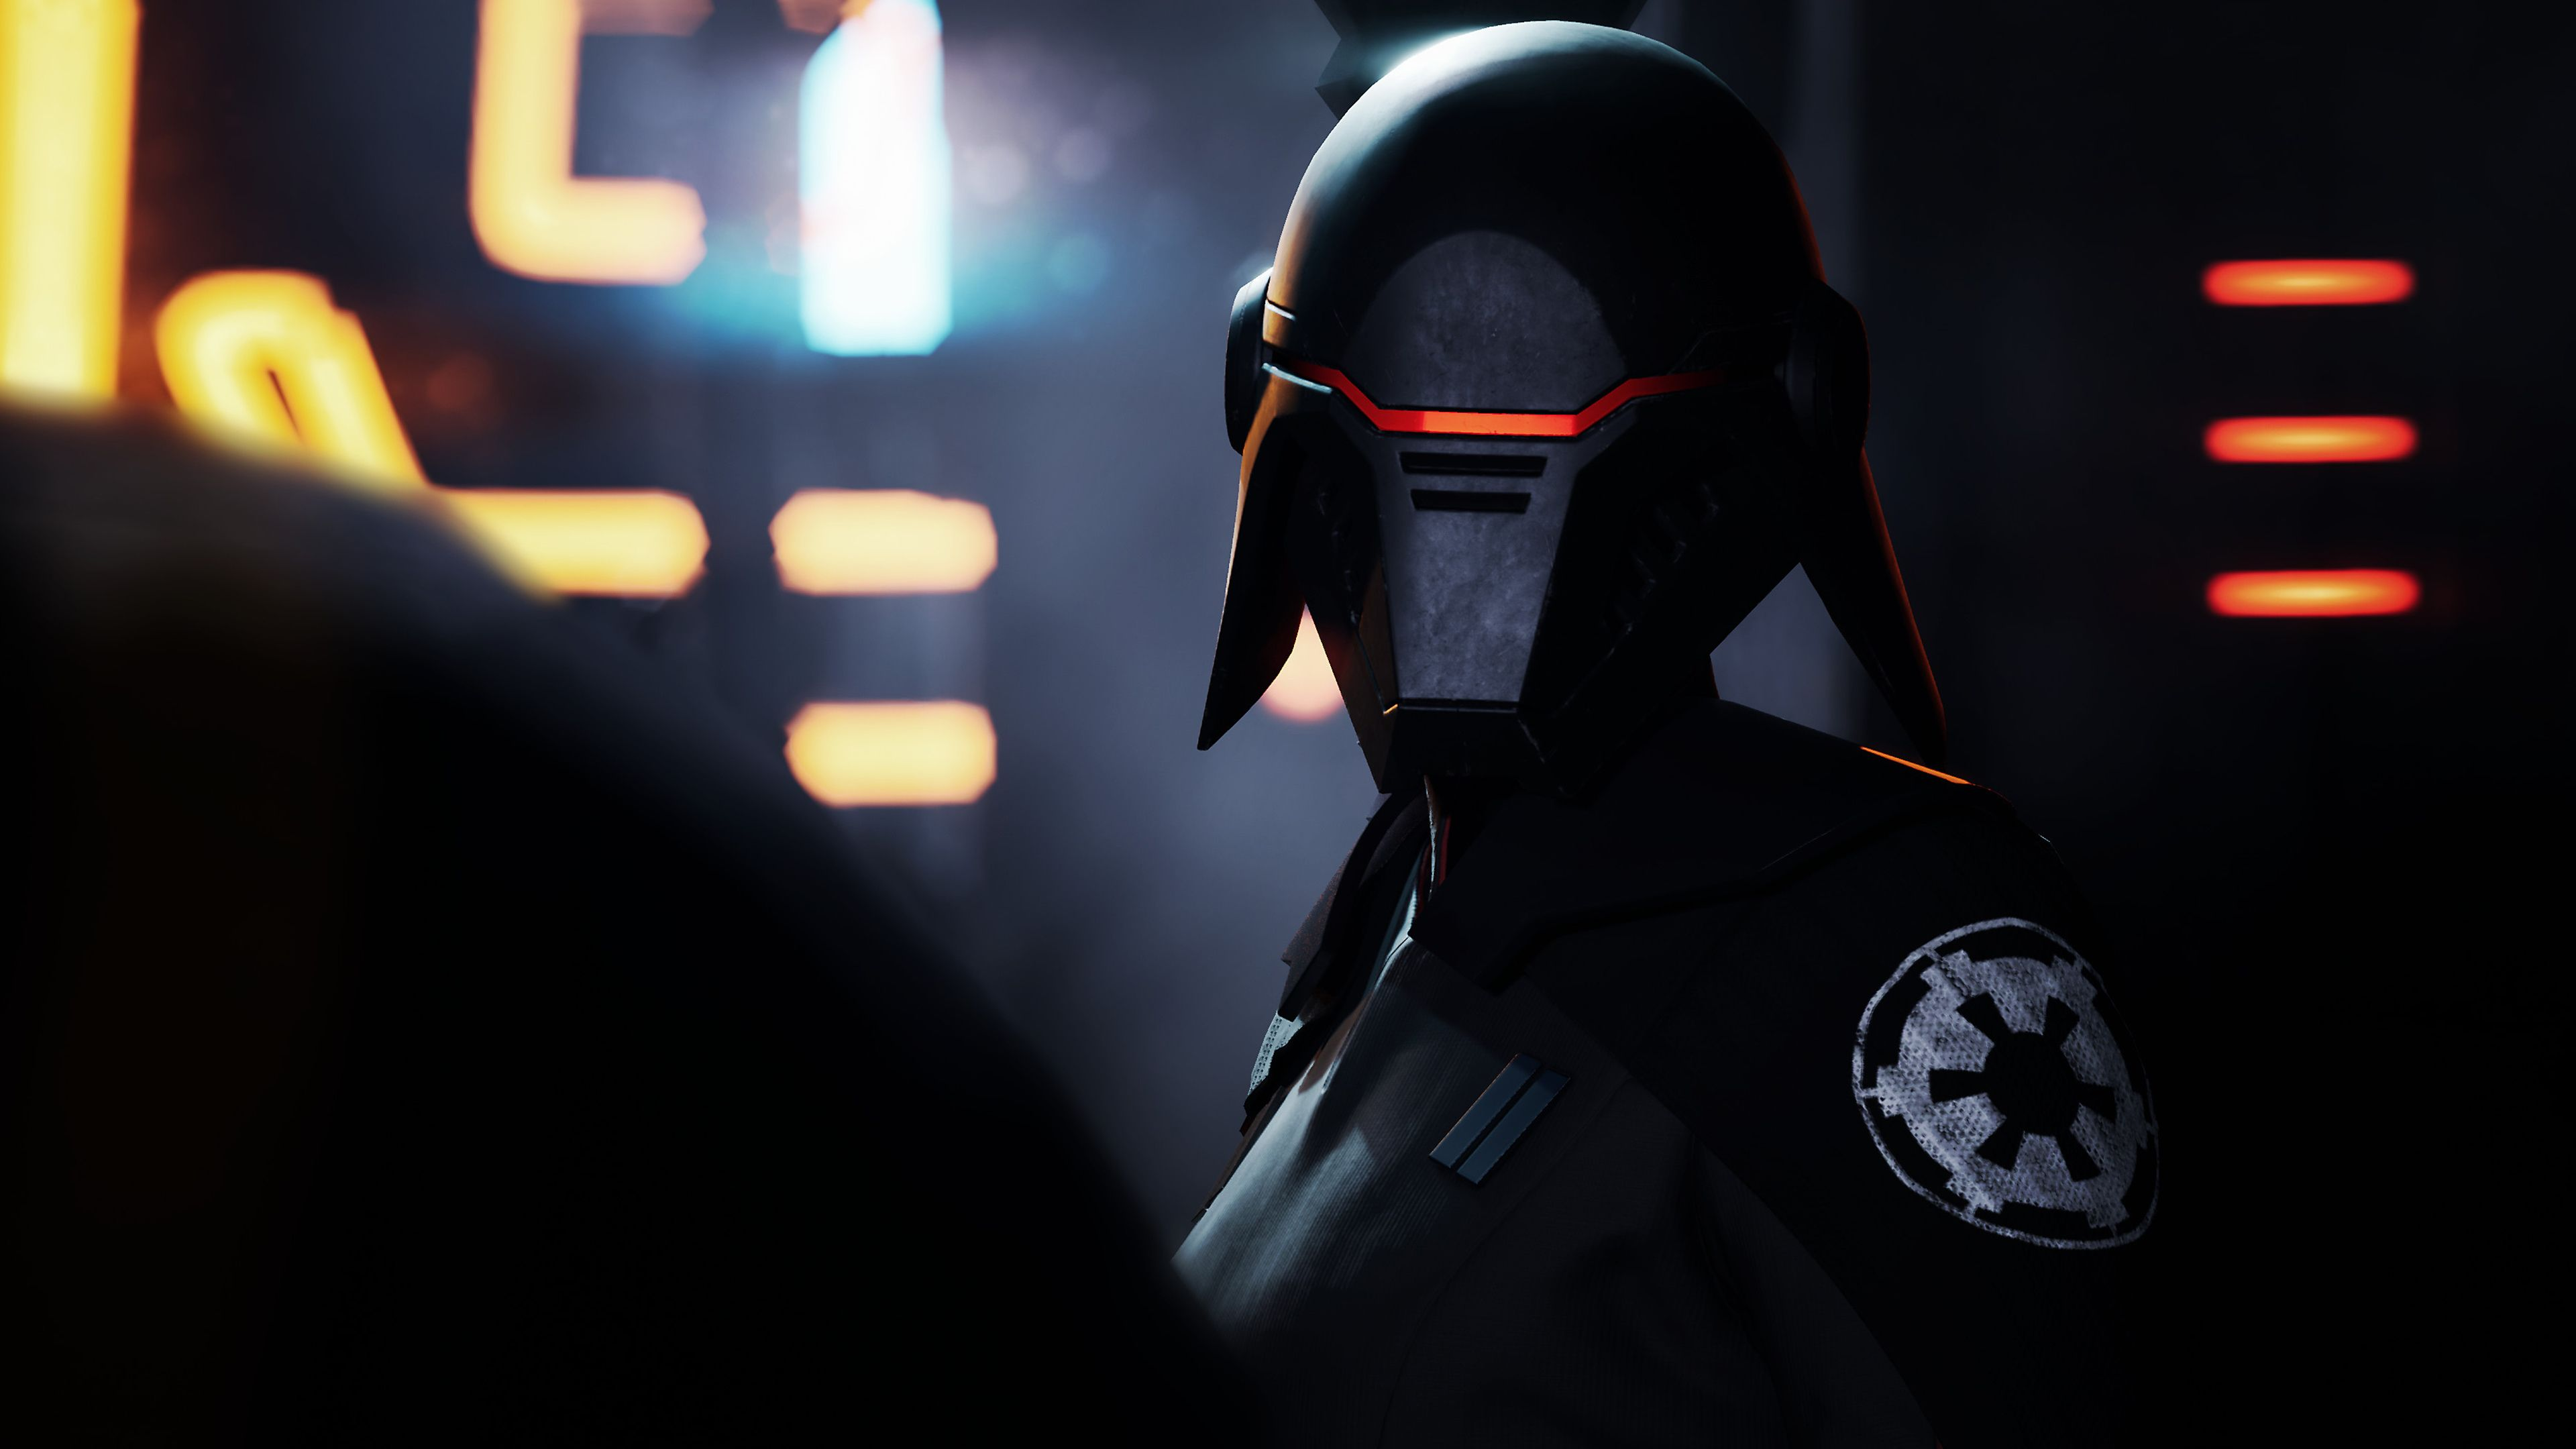 100 Star Wars Wallpapers Ideas In 2020 Star Wars Wallpaper Star Wars War